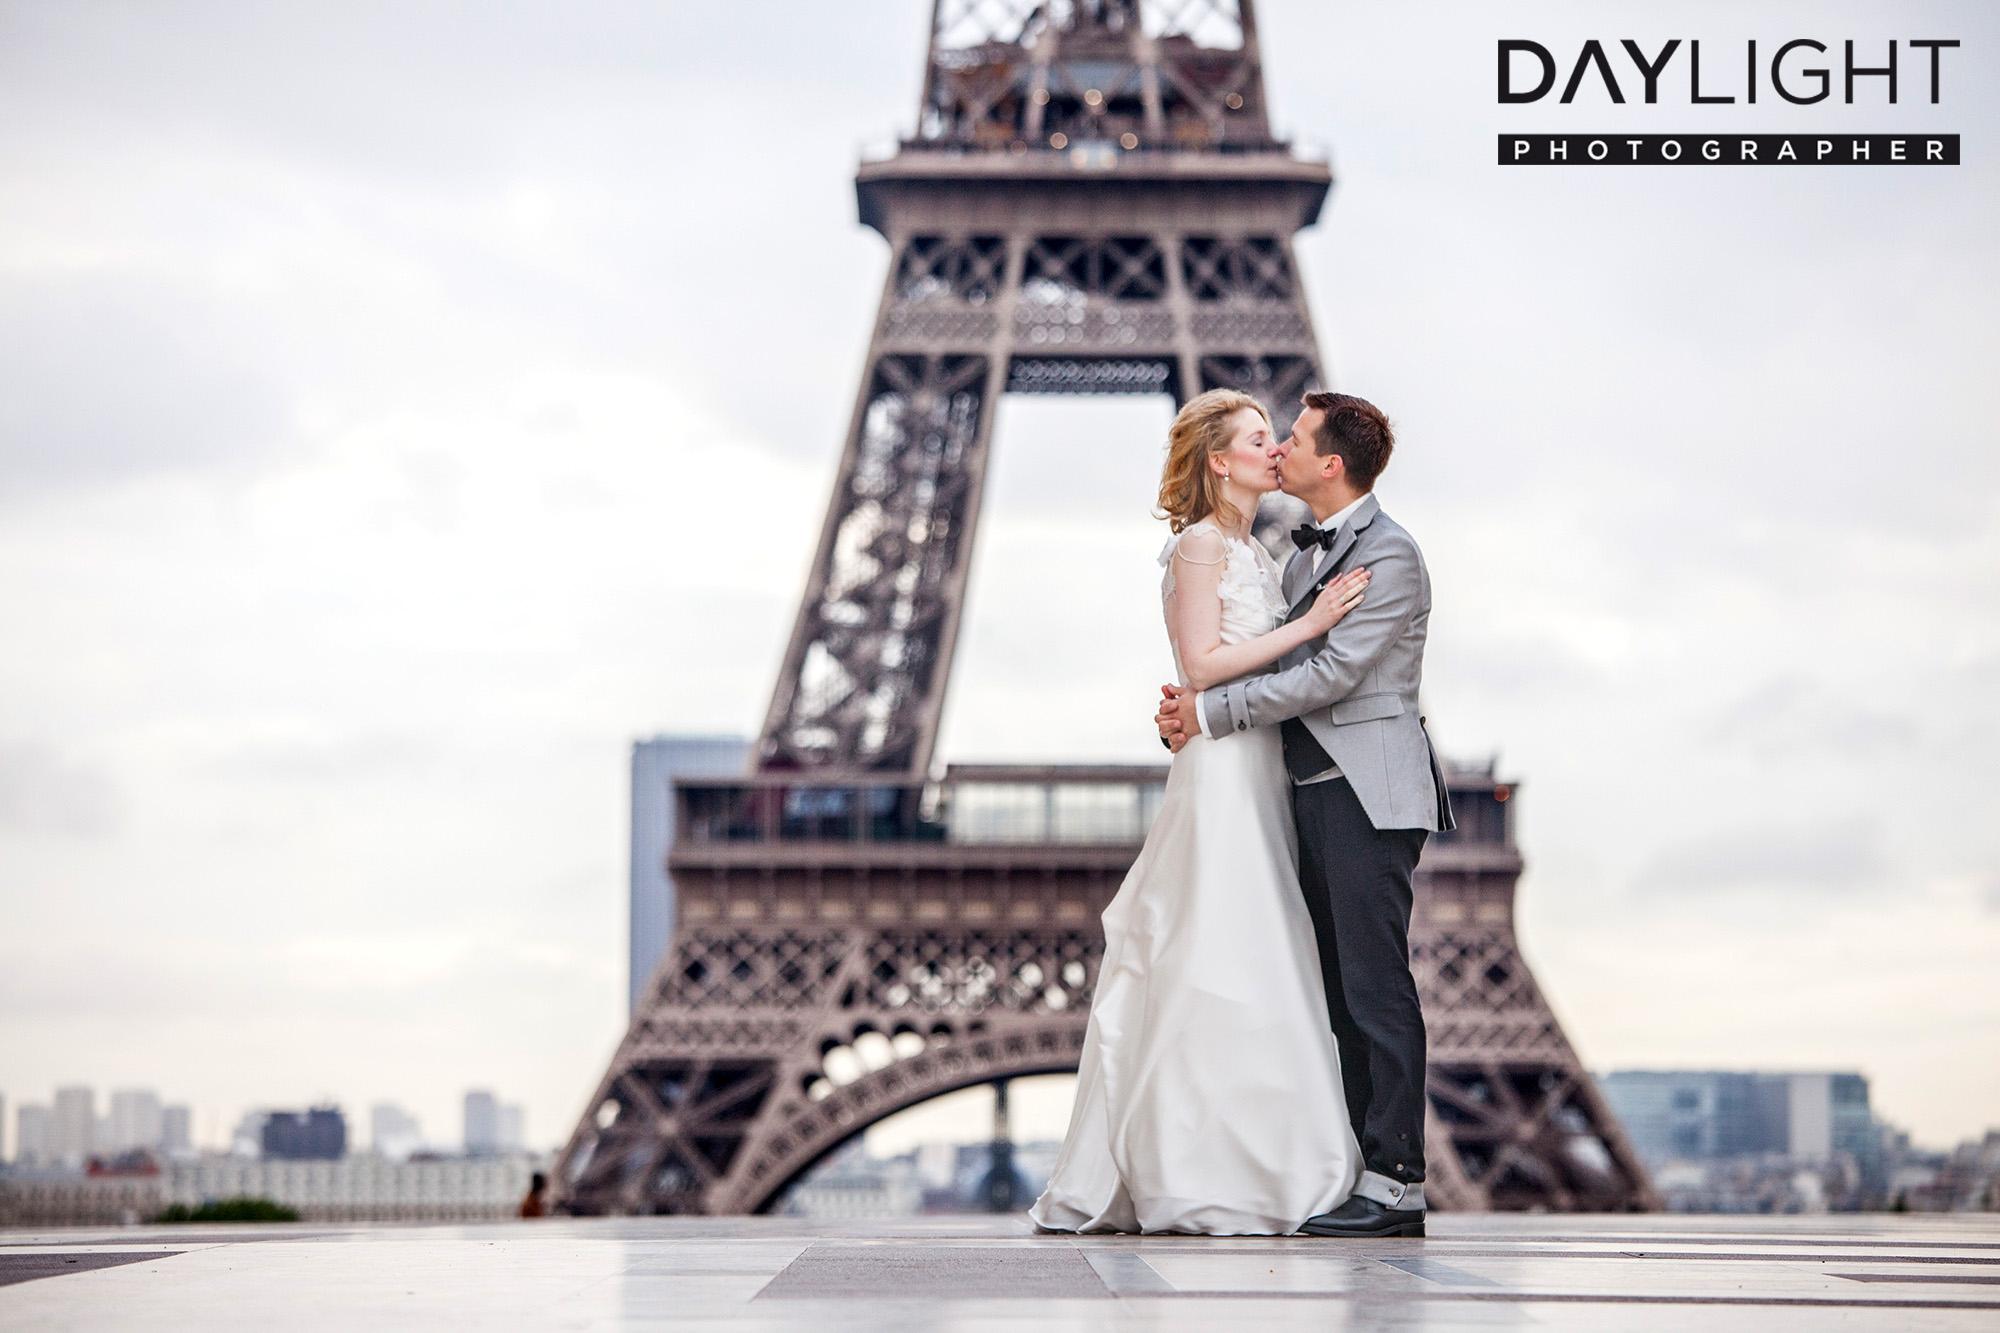 hochzeits fotograf paris Hochzeitsfotografen gibt es in jeder Stadt, doch nur die Besten gibts bei uns!